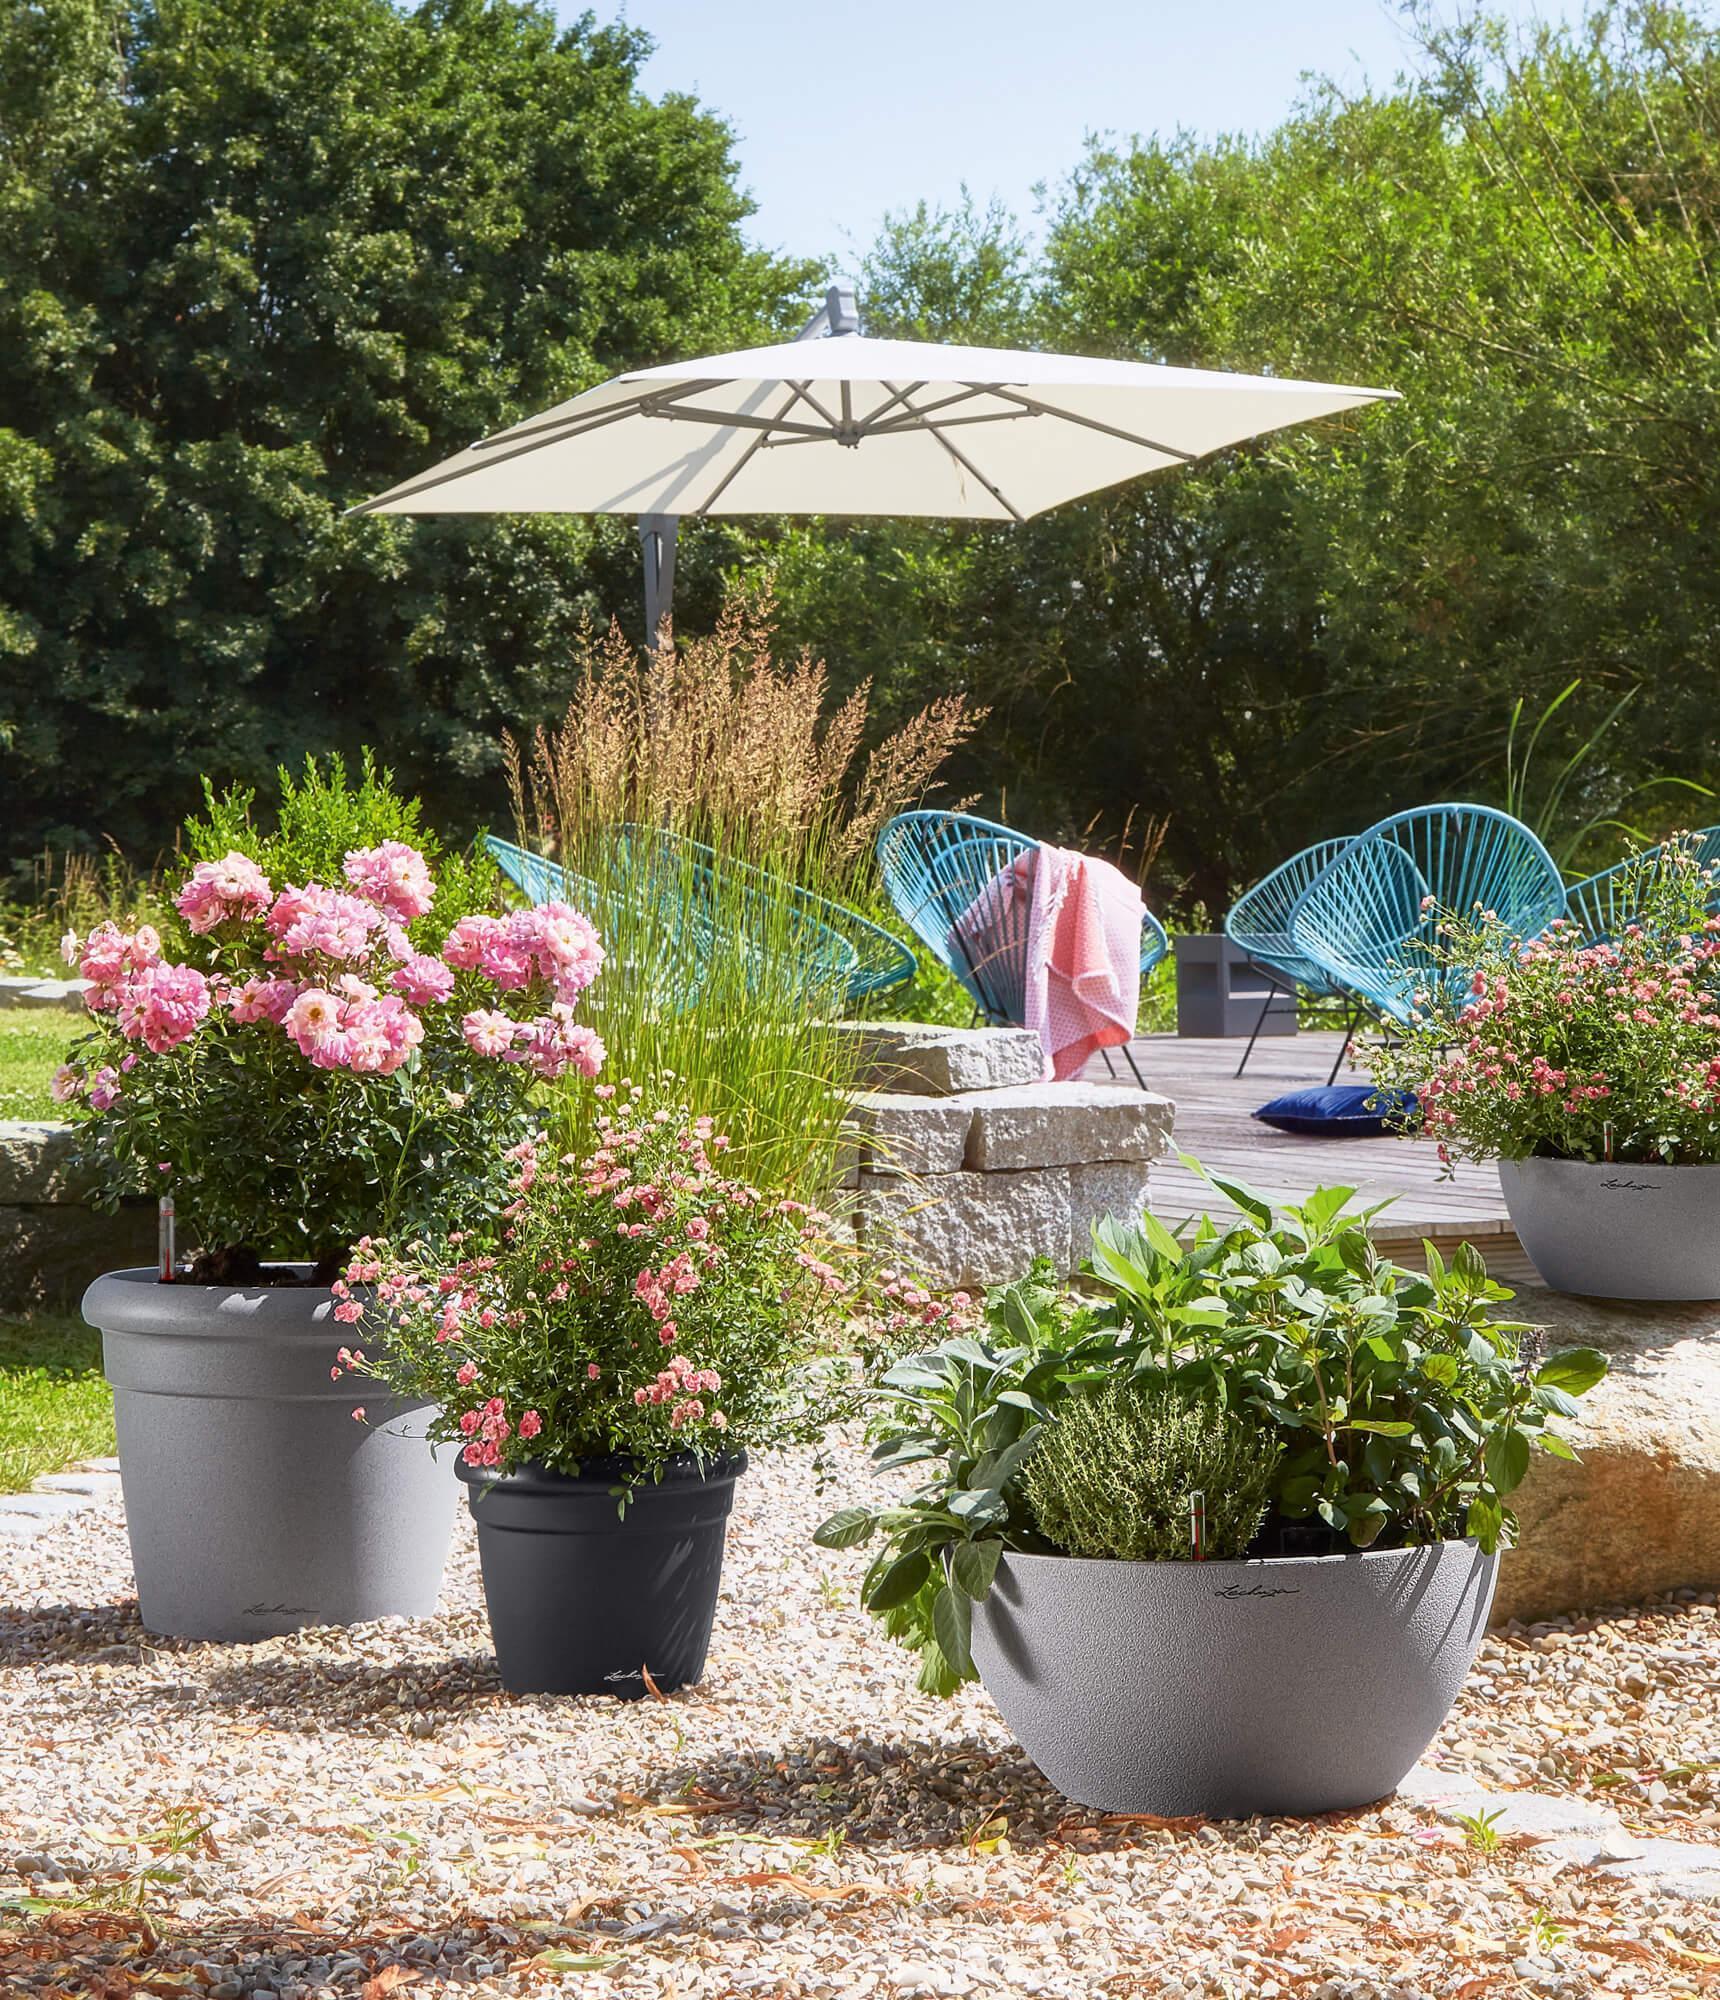 the Mediterranean RUSTICO Color and the bowl planter CUBETO Stone